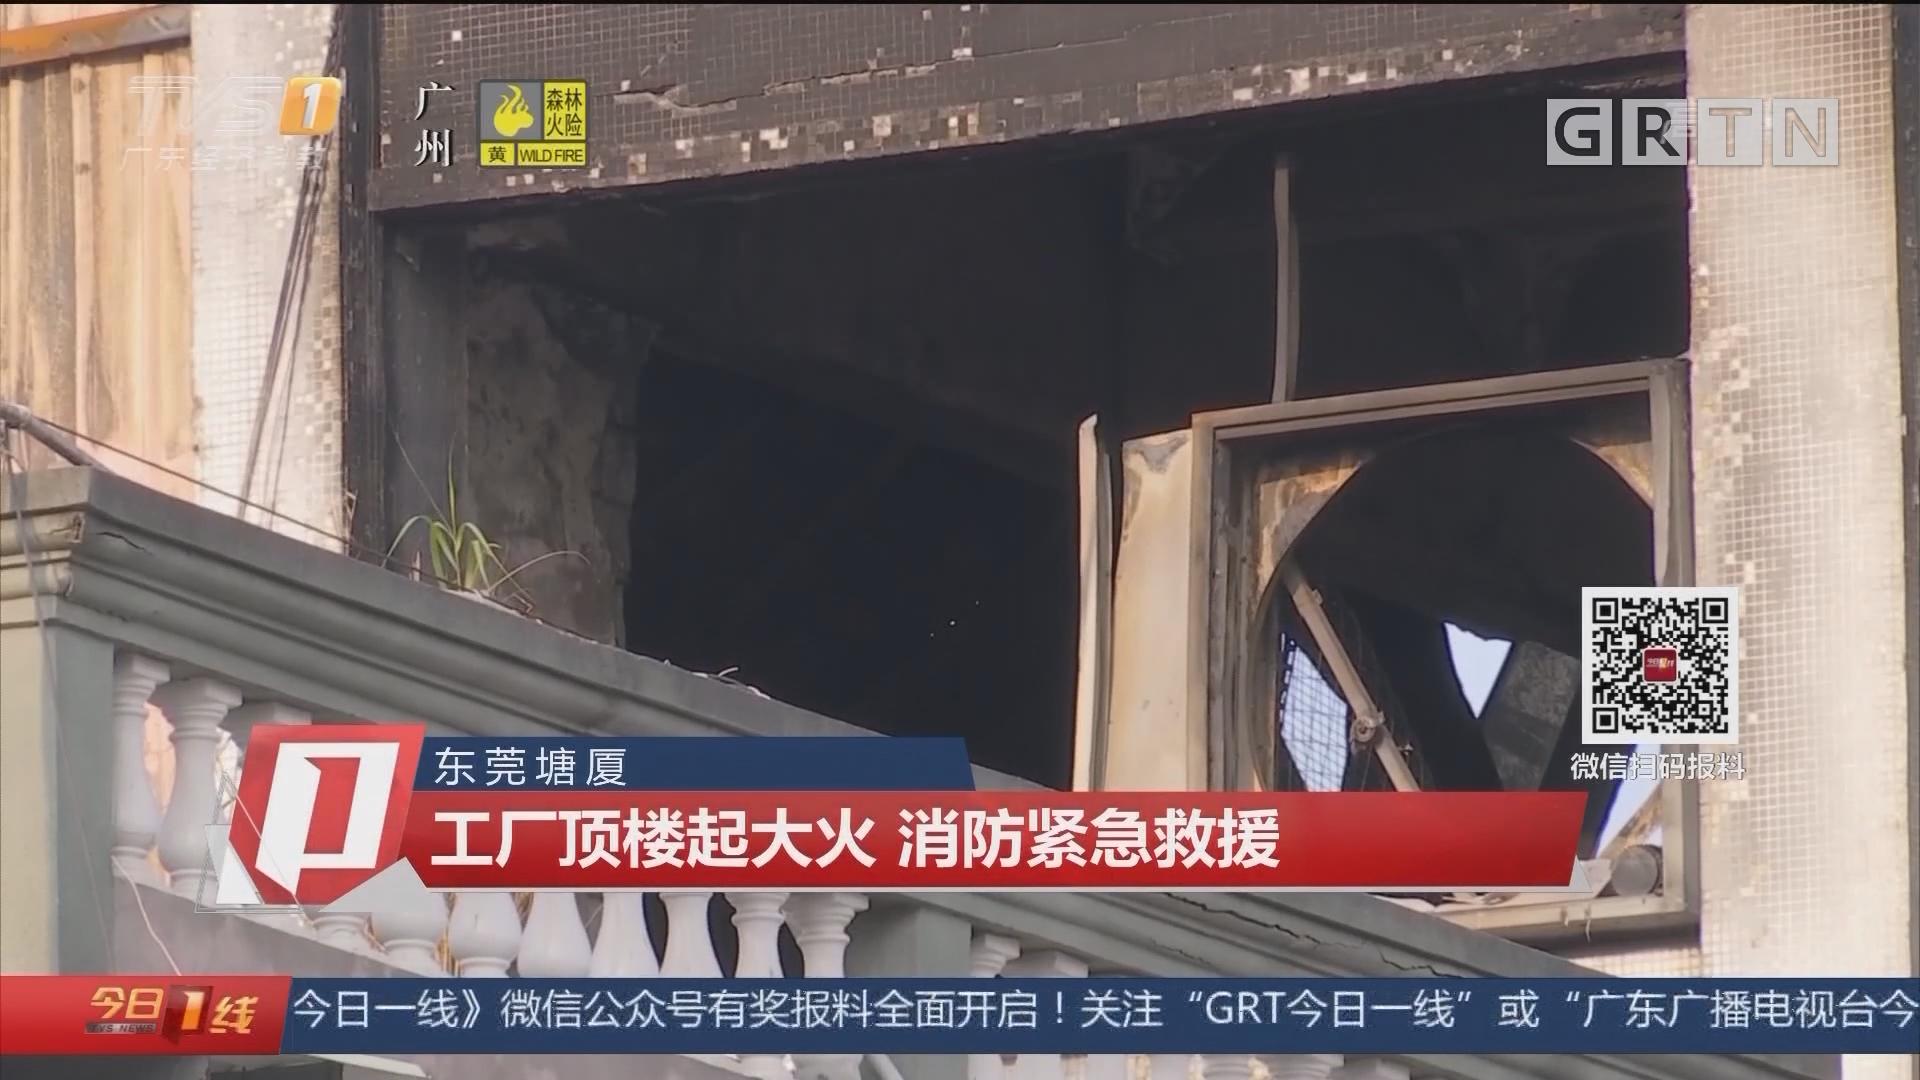 东莞塘厦:工厂顶楼起大火 消防紧急救援